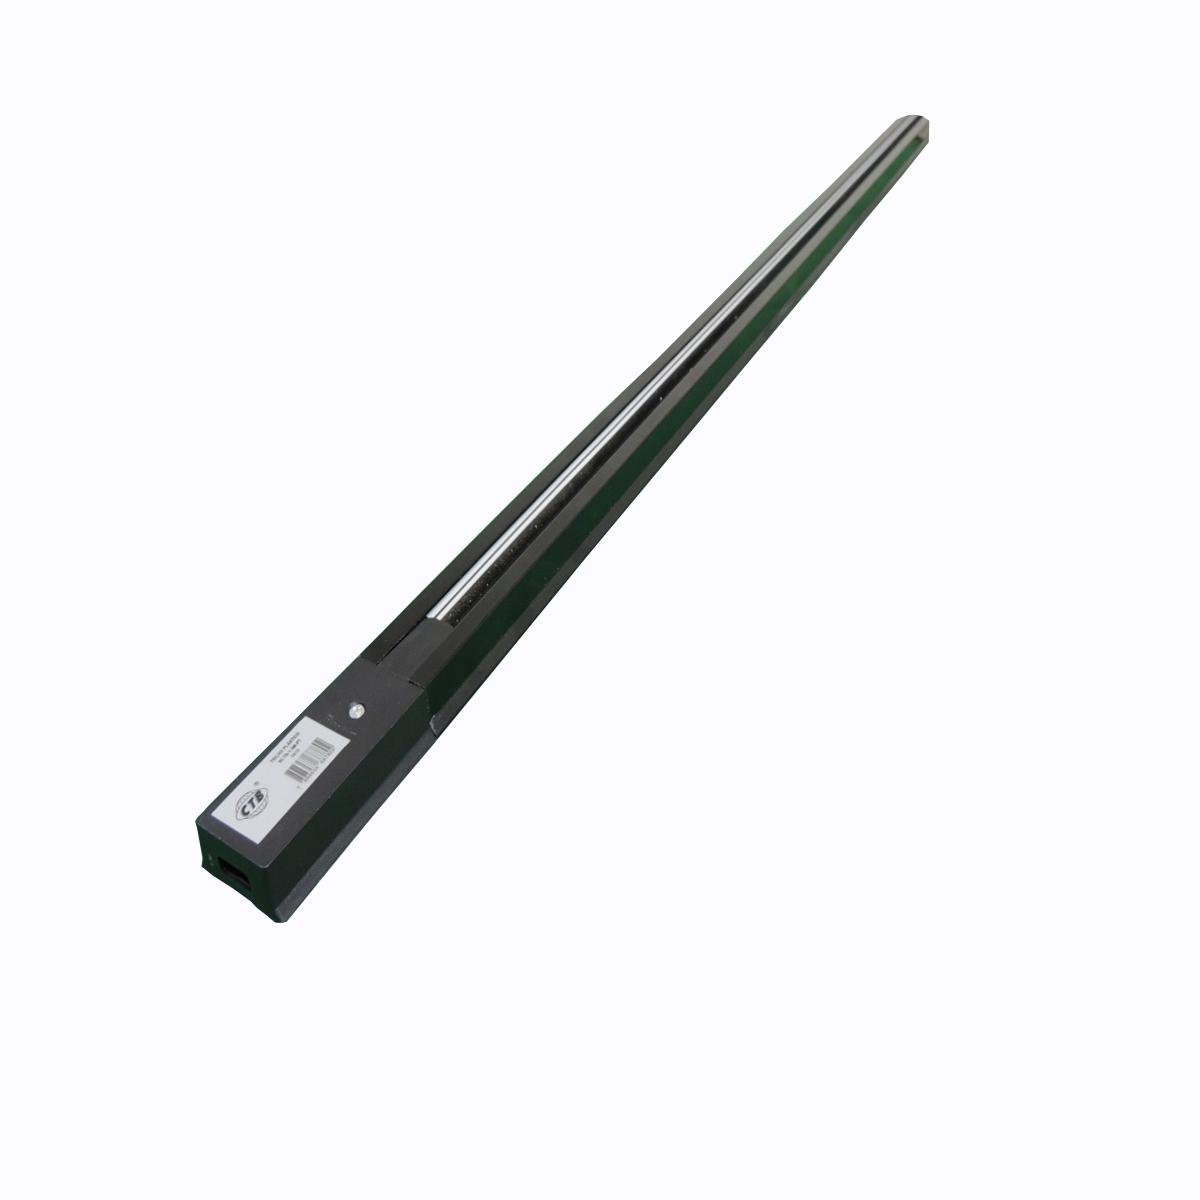 TRILHO ELETRIFICADO 1M - i9 LED